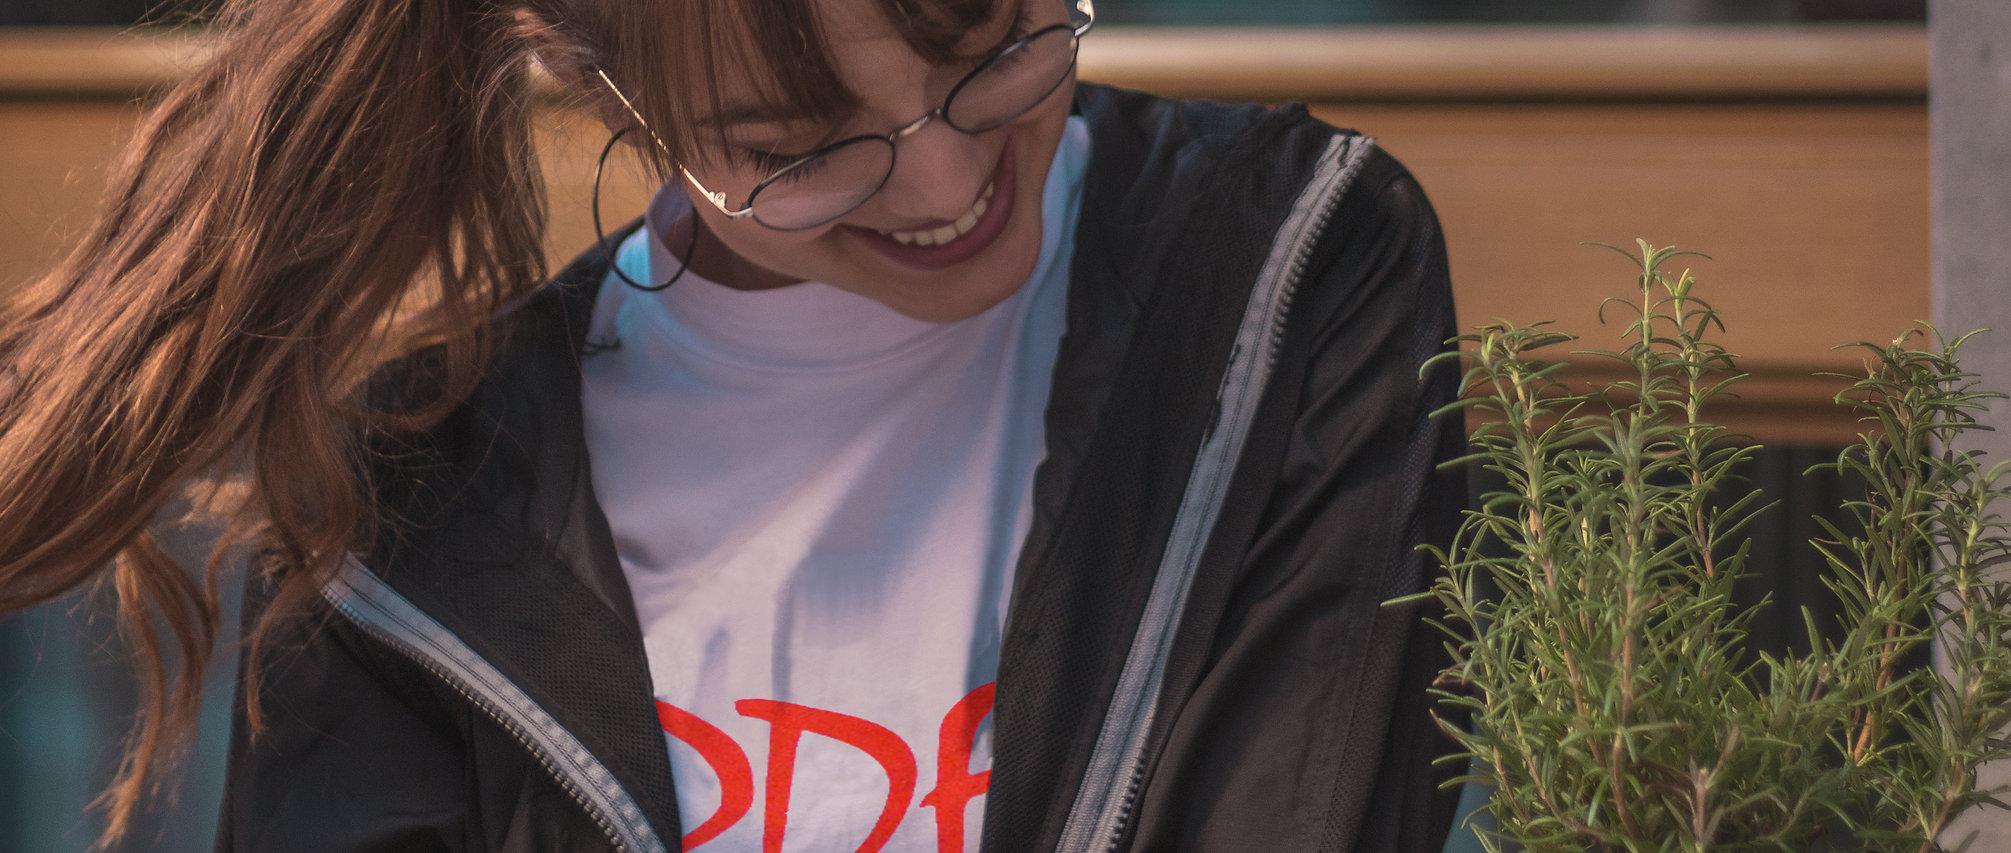 foto scattata durante il lookbok abbigliamento streetwear di Updfq brand della nostra t-shirt logo updfq